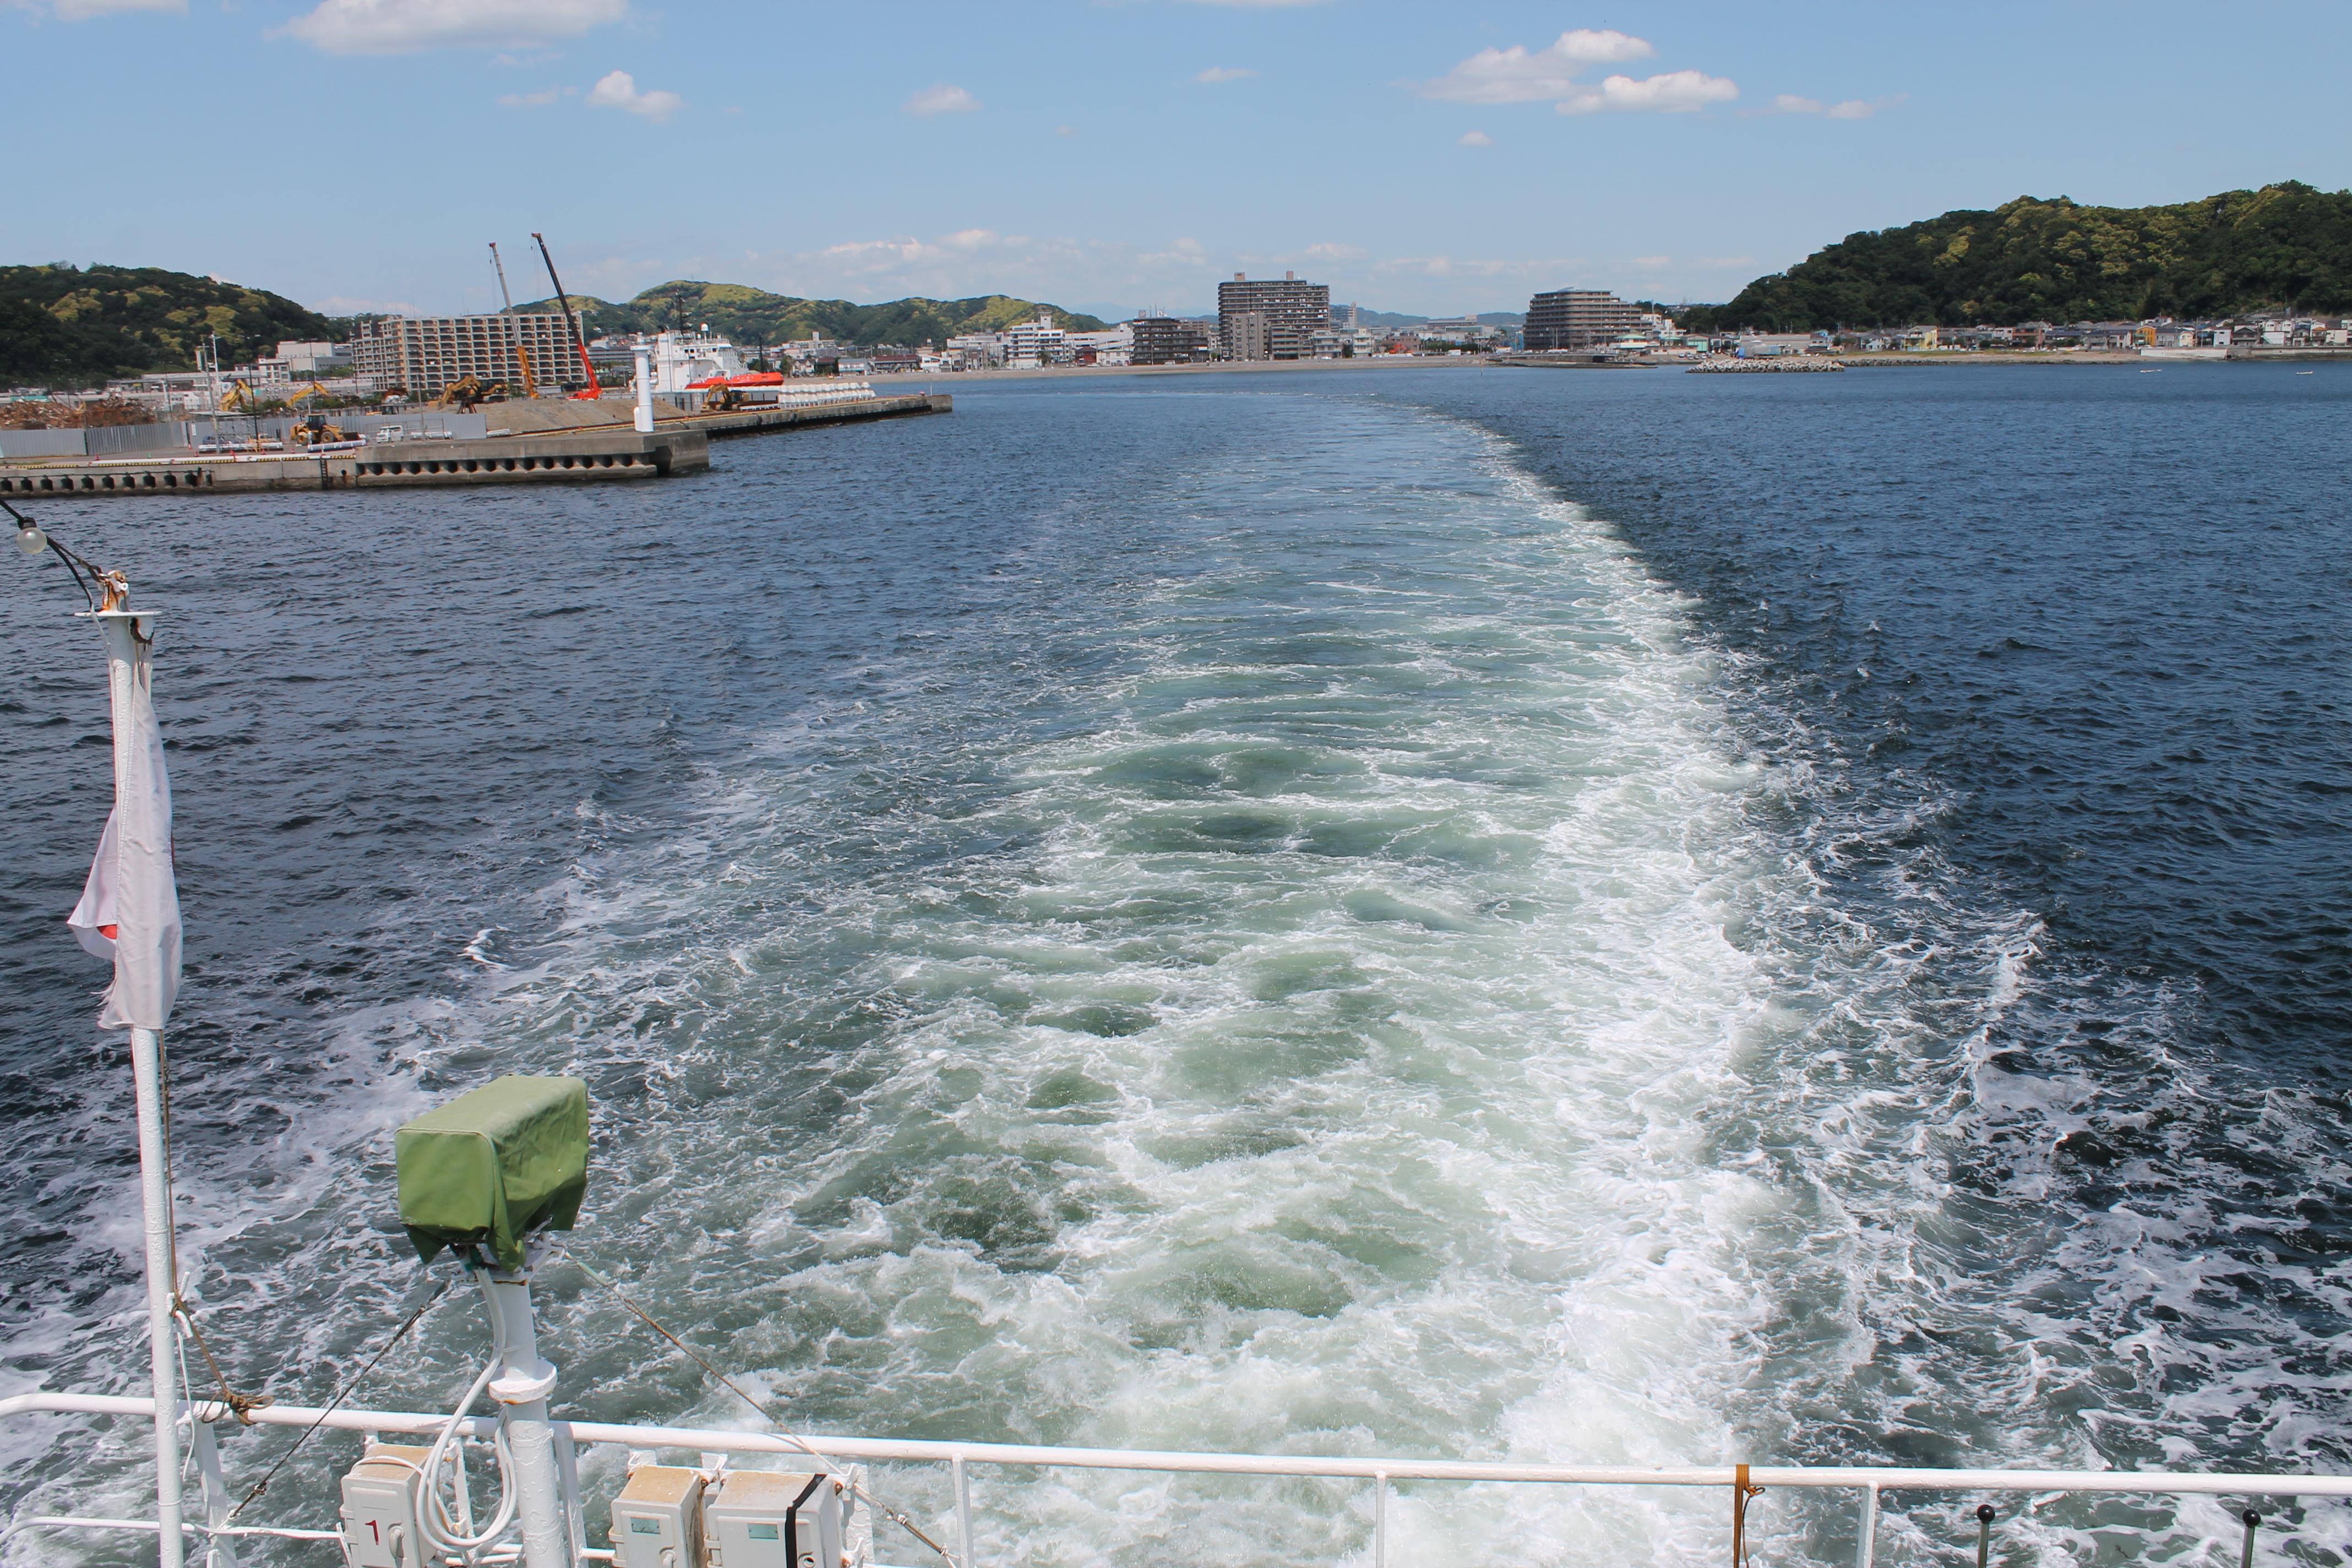 요코즈카시 쿠리하마항에서 출발하는 페리호. 30-40분이면 건너편 치바현에 닿는다.